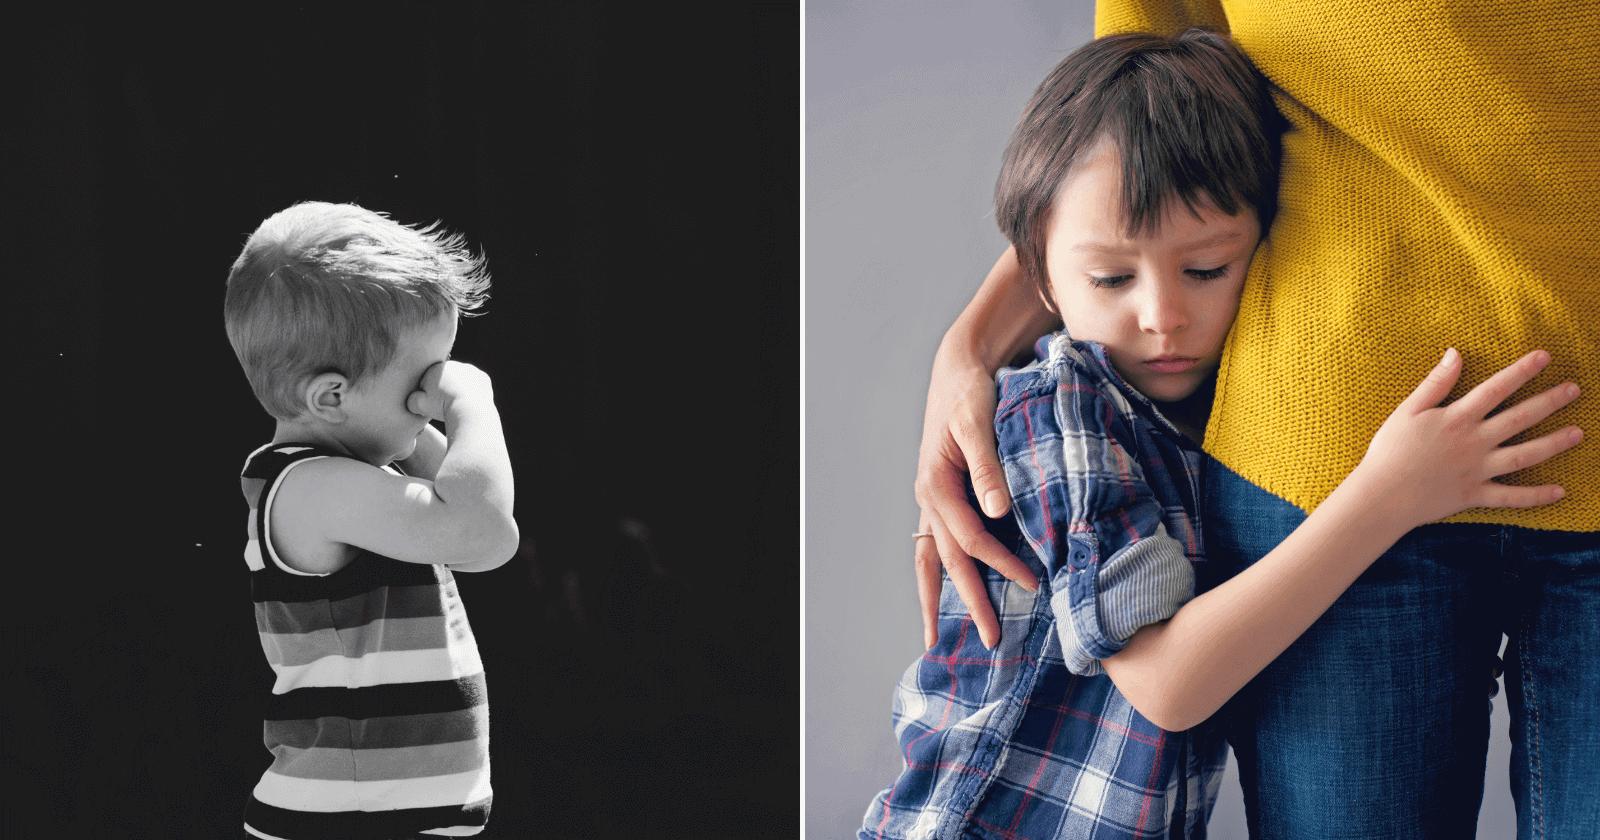 Pais, esses SINAIS podem indicar depressão nos seus filhos!